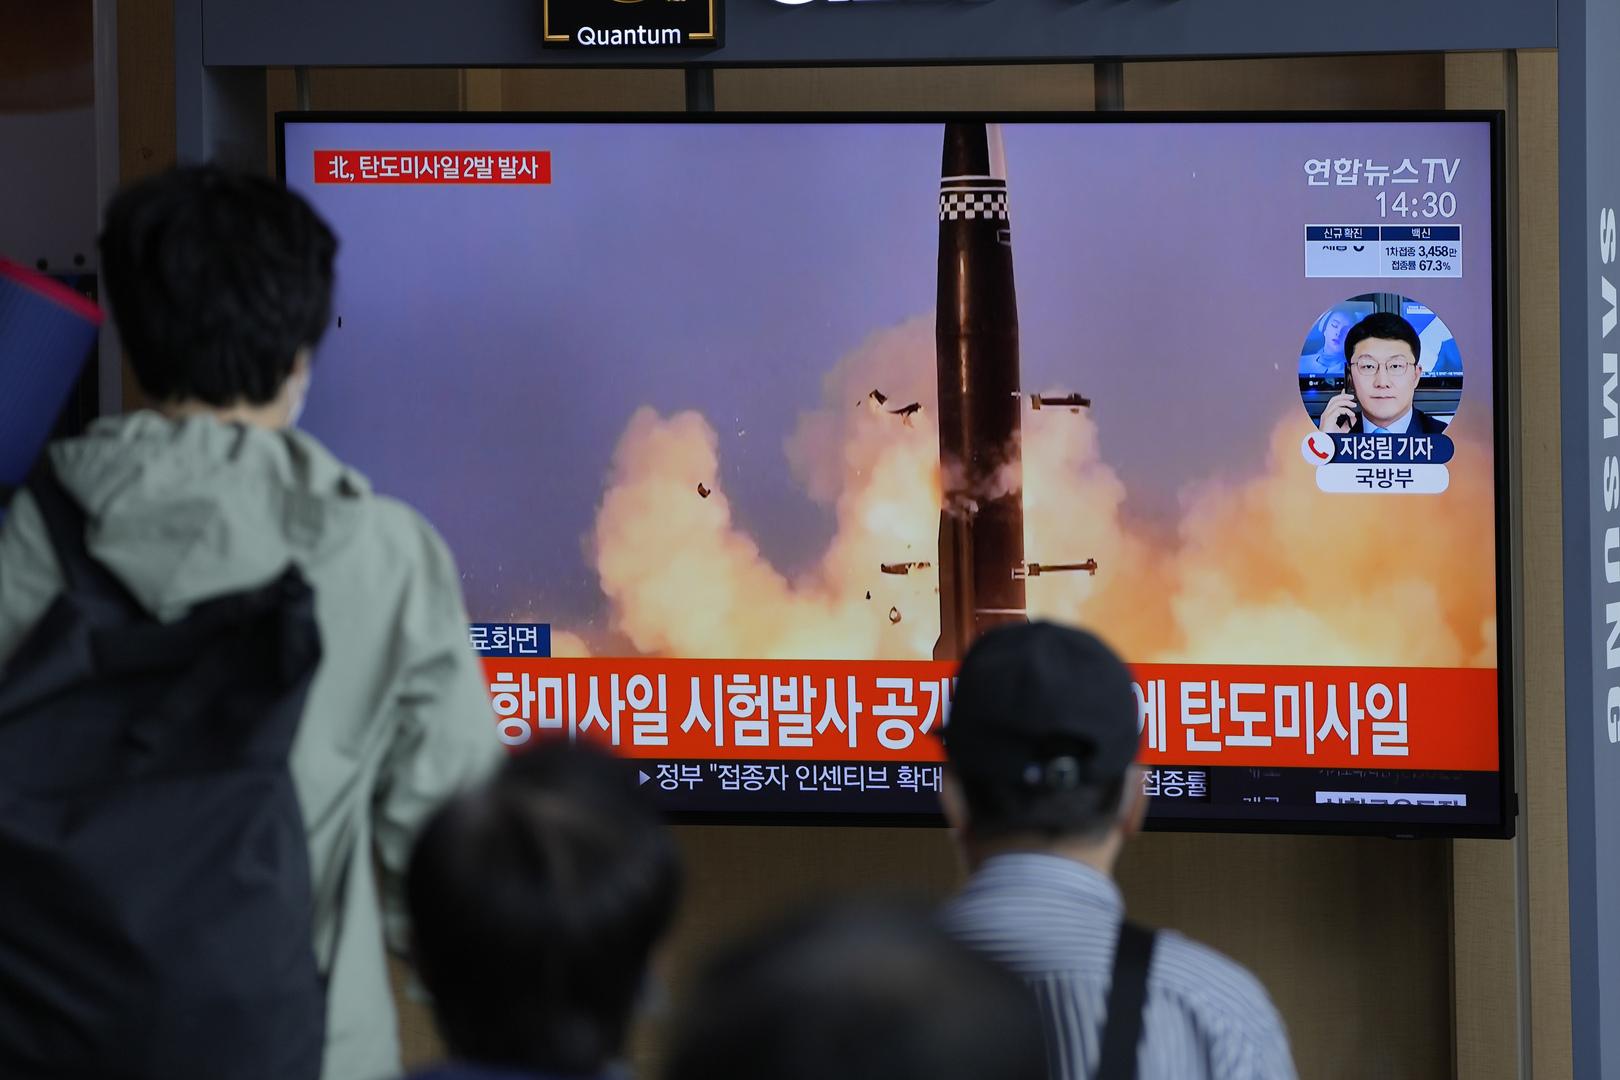 الجيش الكوري الجنوبي: صواريخ باليستية كورية شمالية حلقت حوالي 800 كلم على ارتفاع 60 كلم